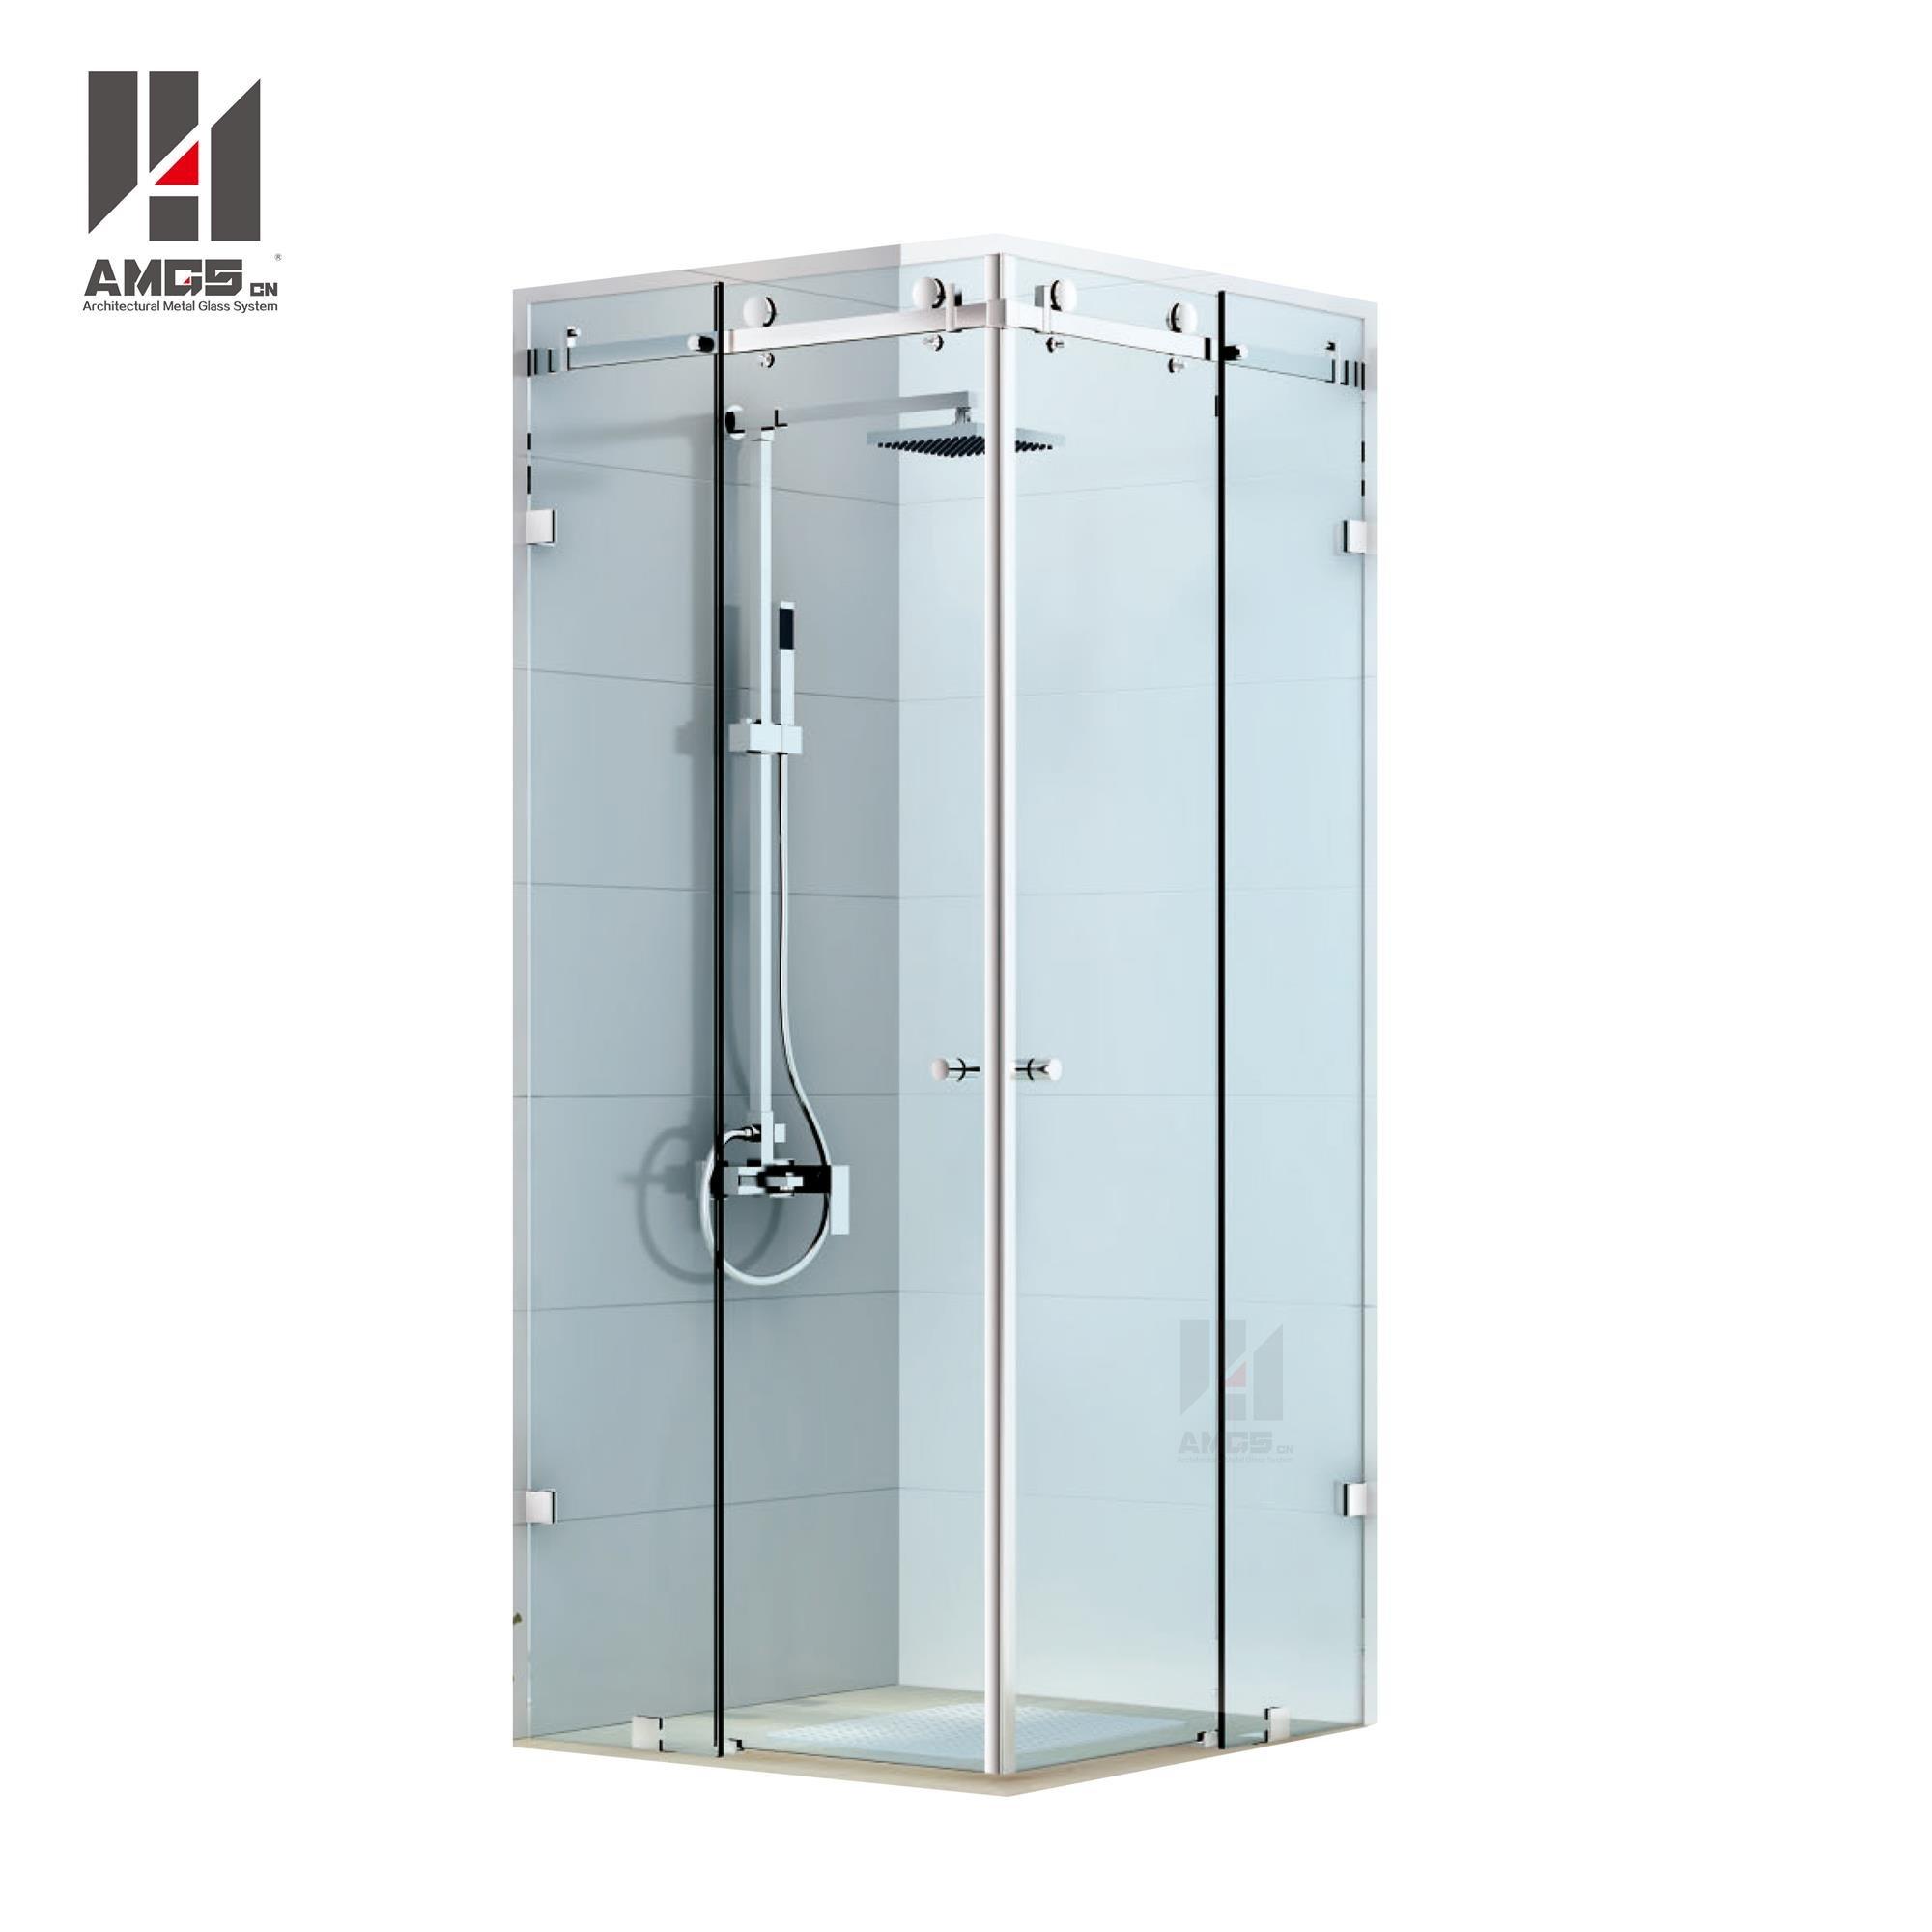 Bathroom Frameless Shower Sliding Doors With 8 12mm Tempered